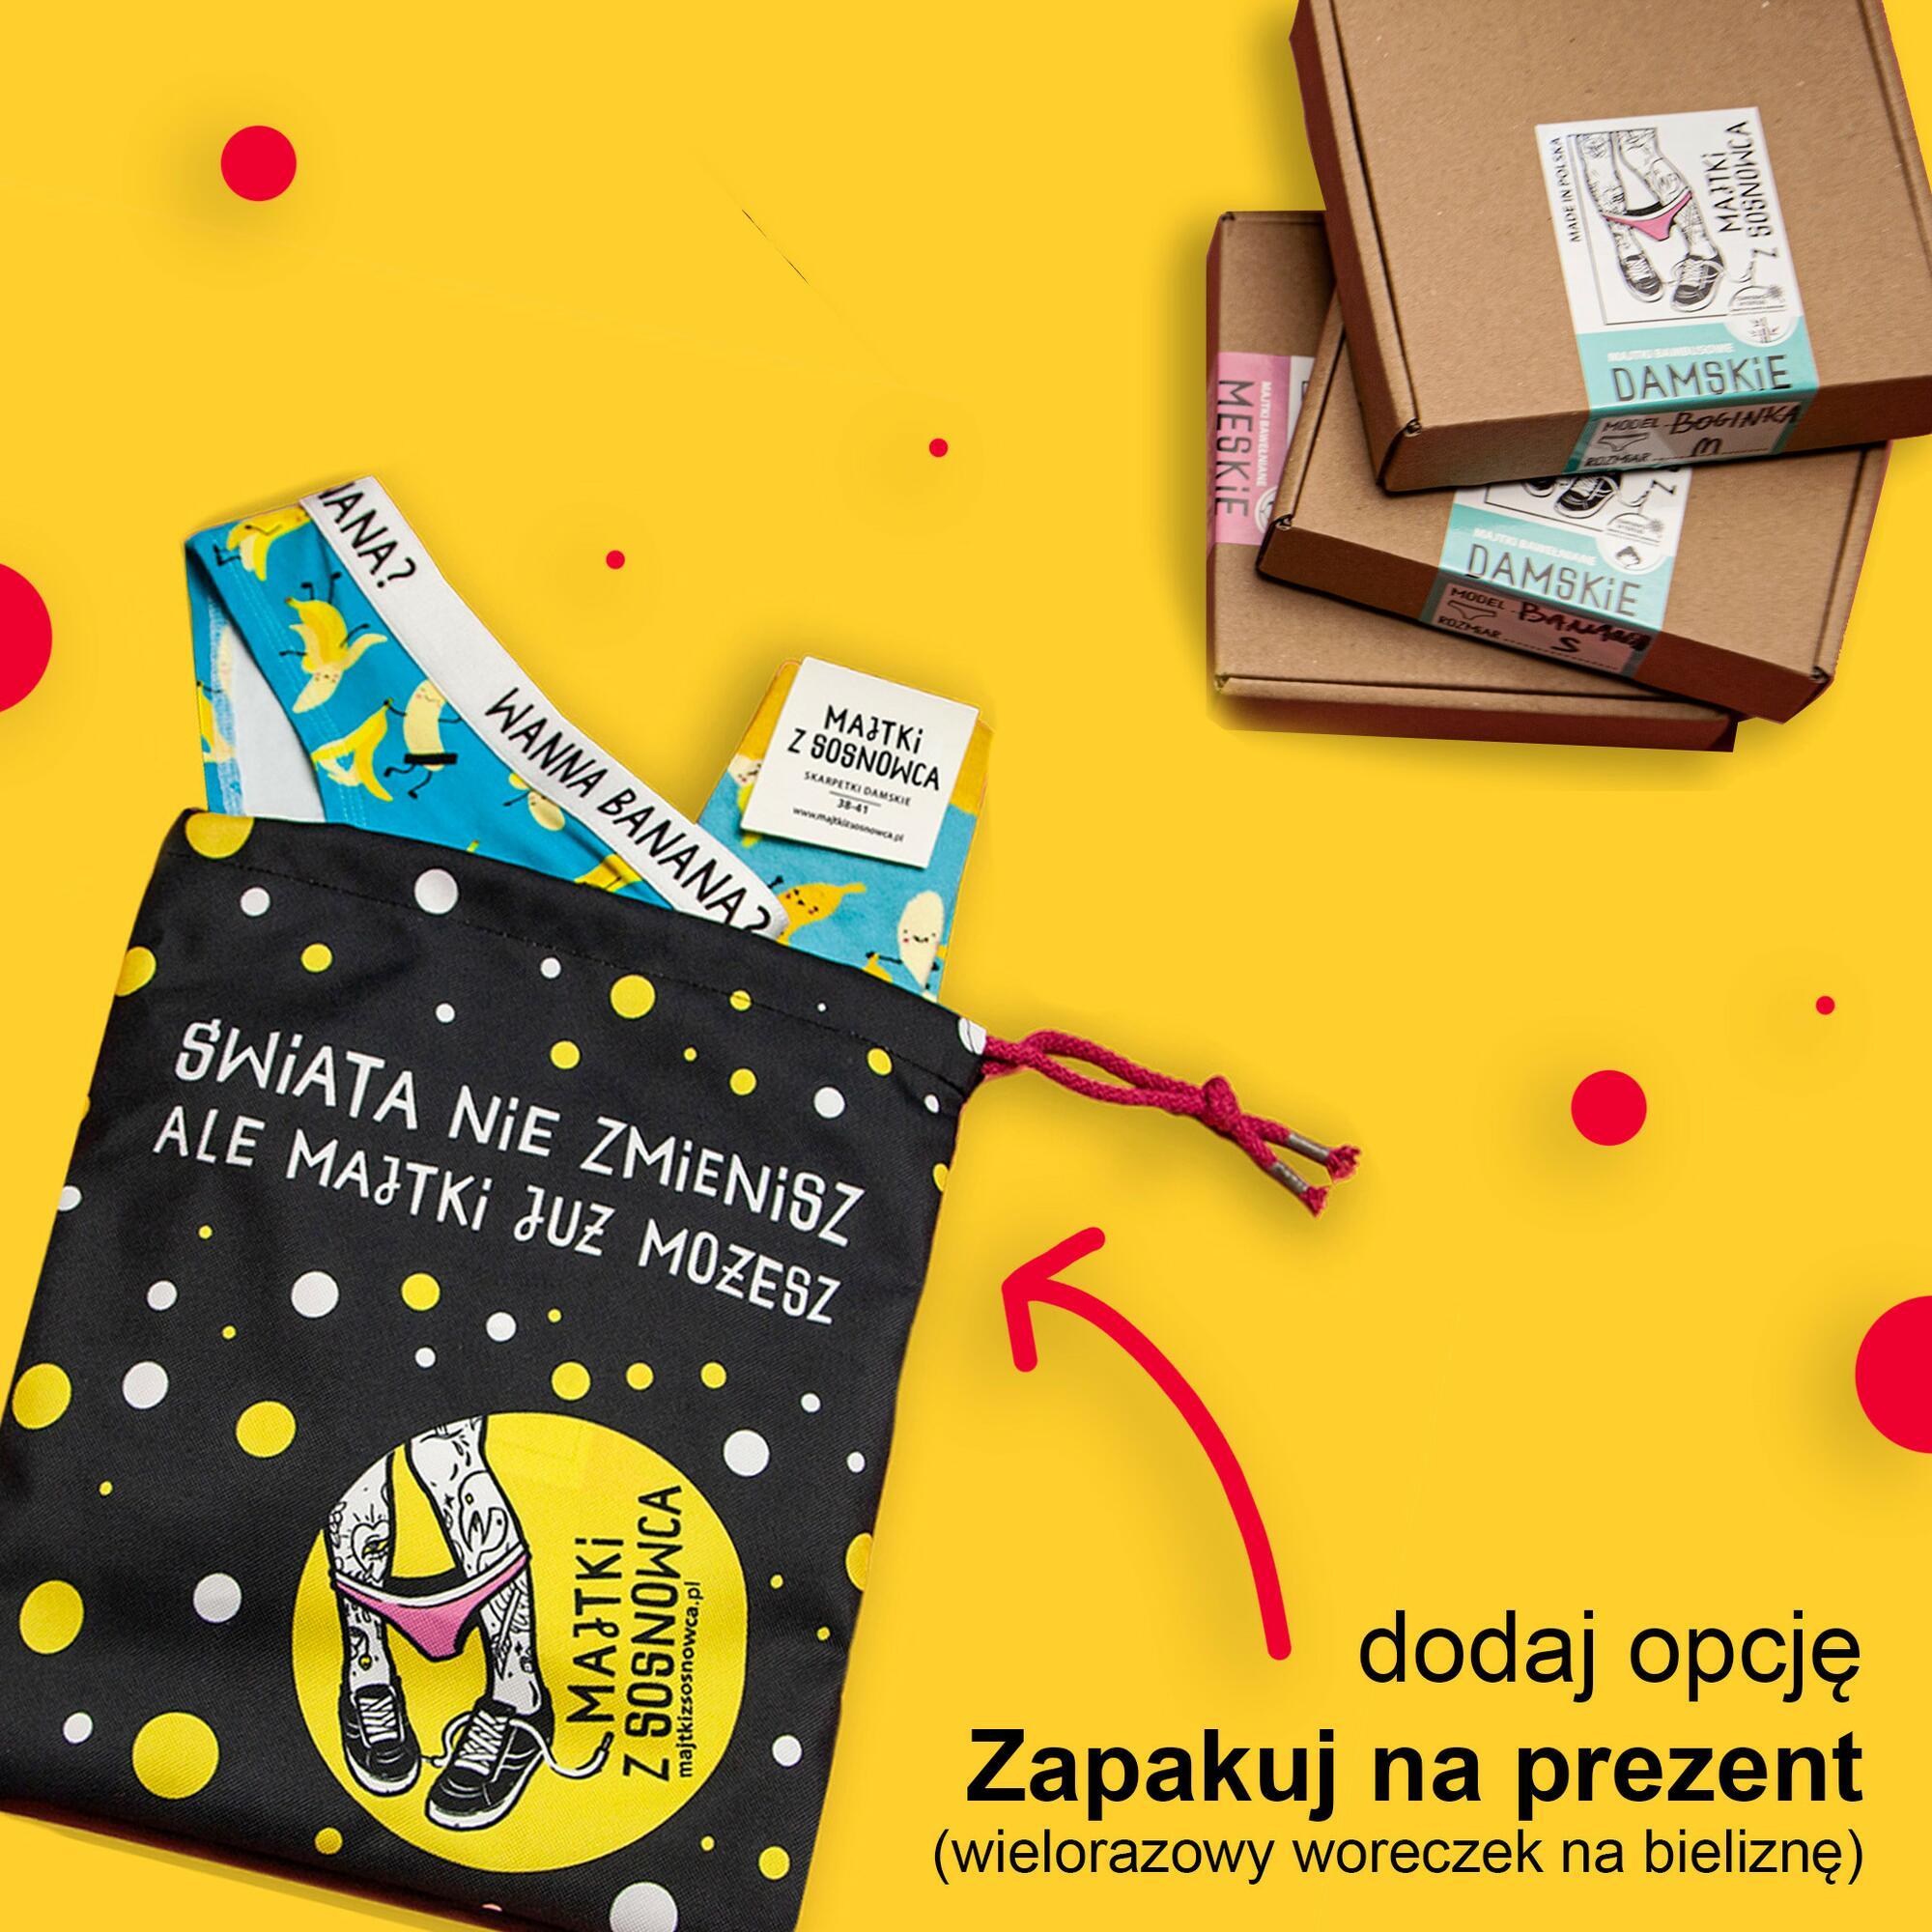 Pas Cnoty - figi bambusowe damskie - Majtki z Sosnowca by After Panty | JestemSlow.pl